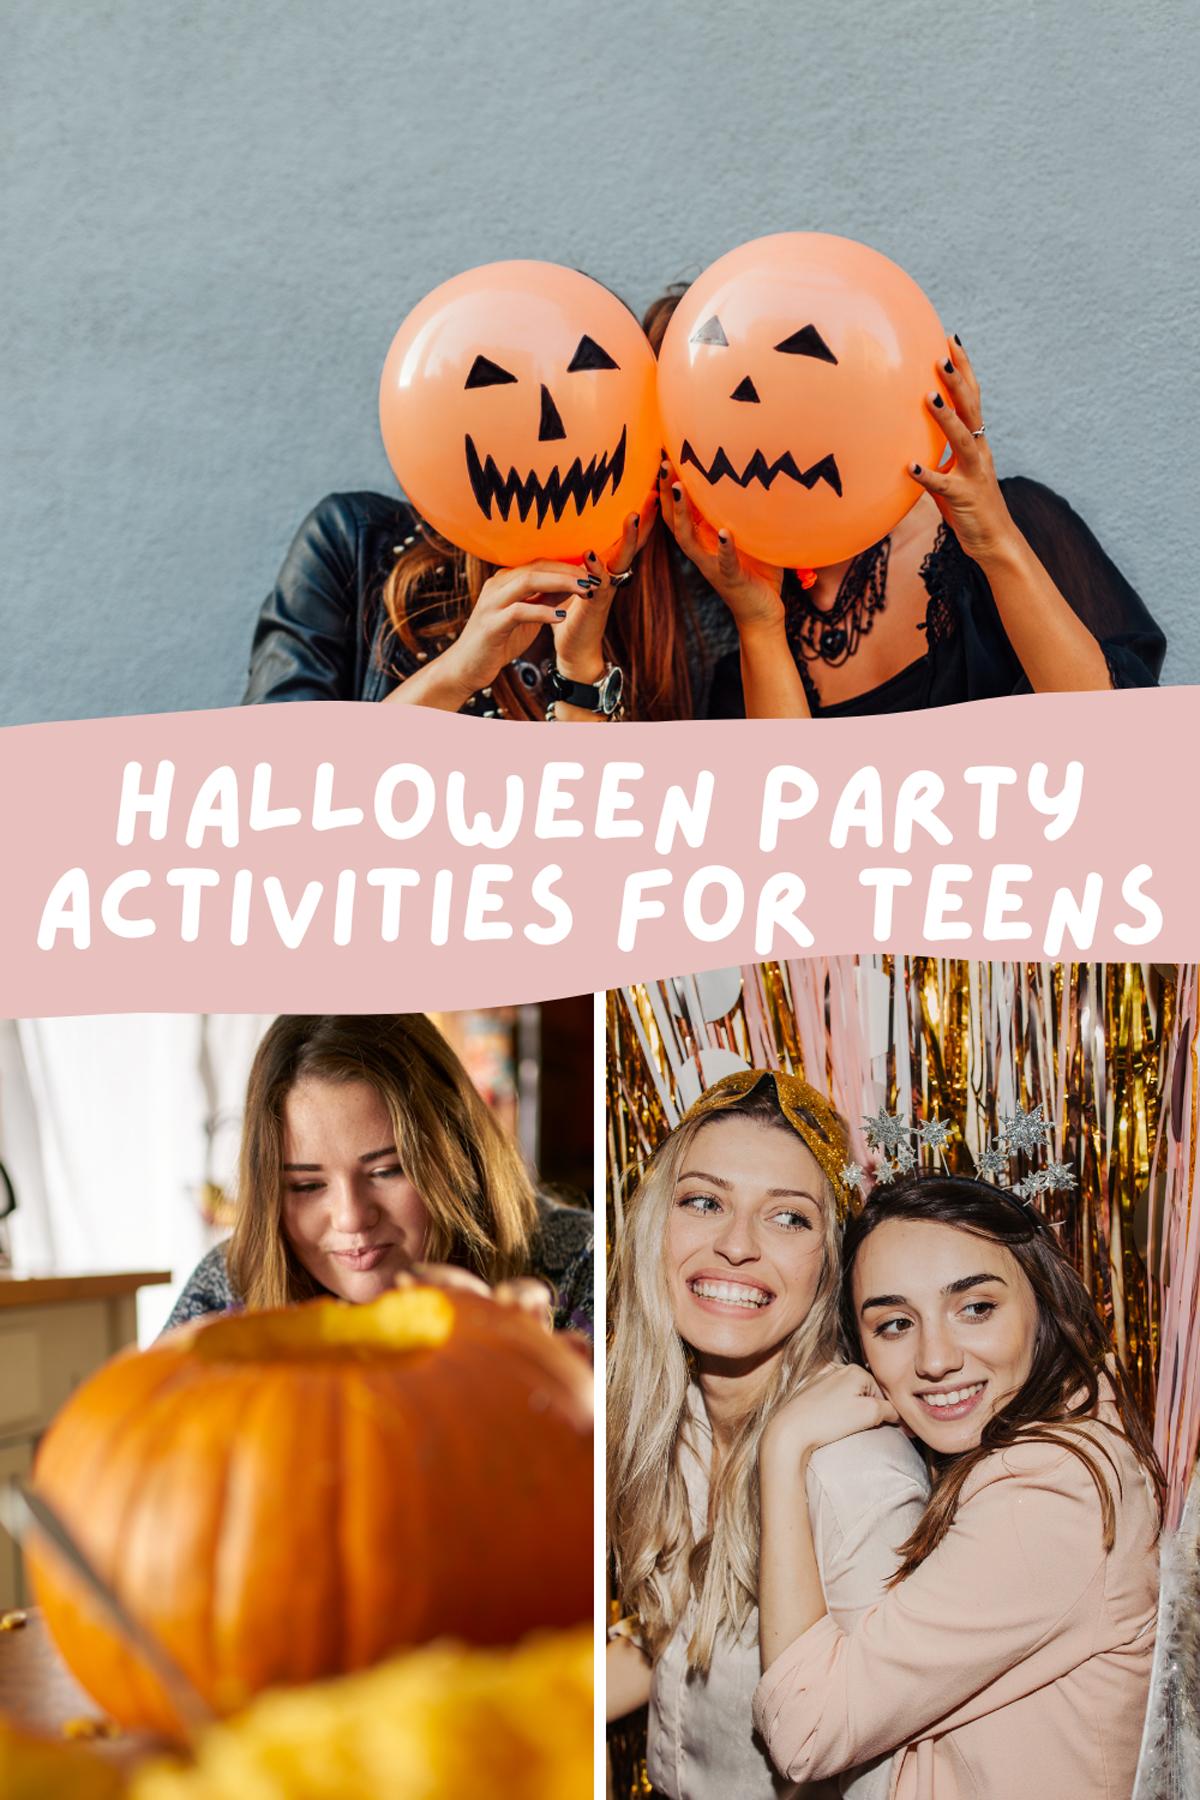 Halloween Party Activities for Teens